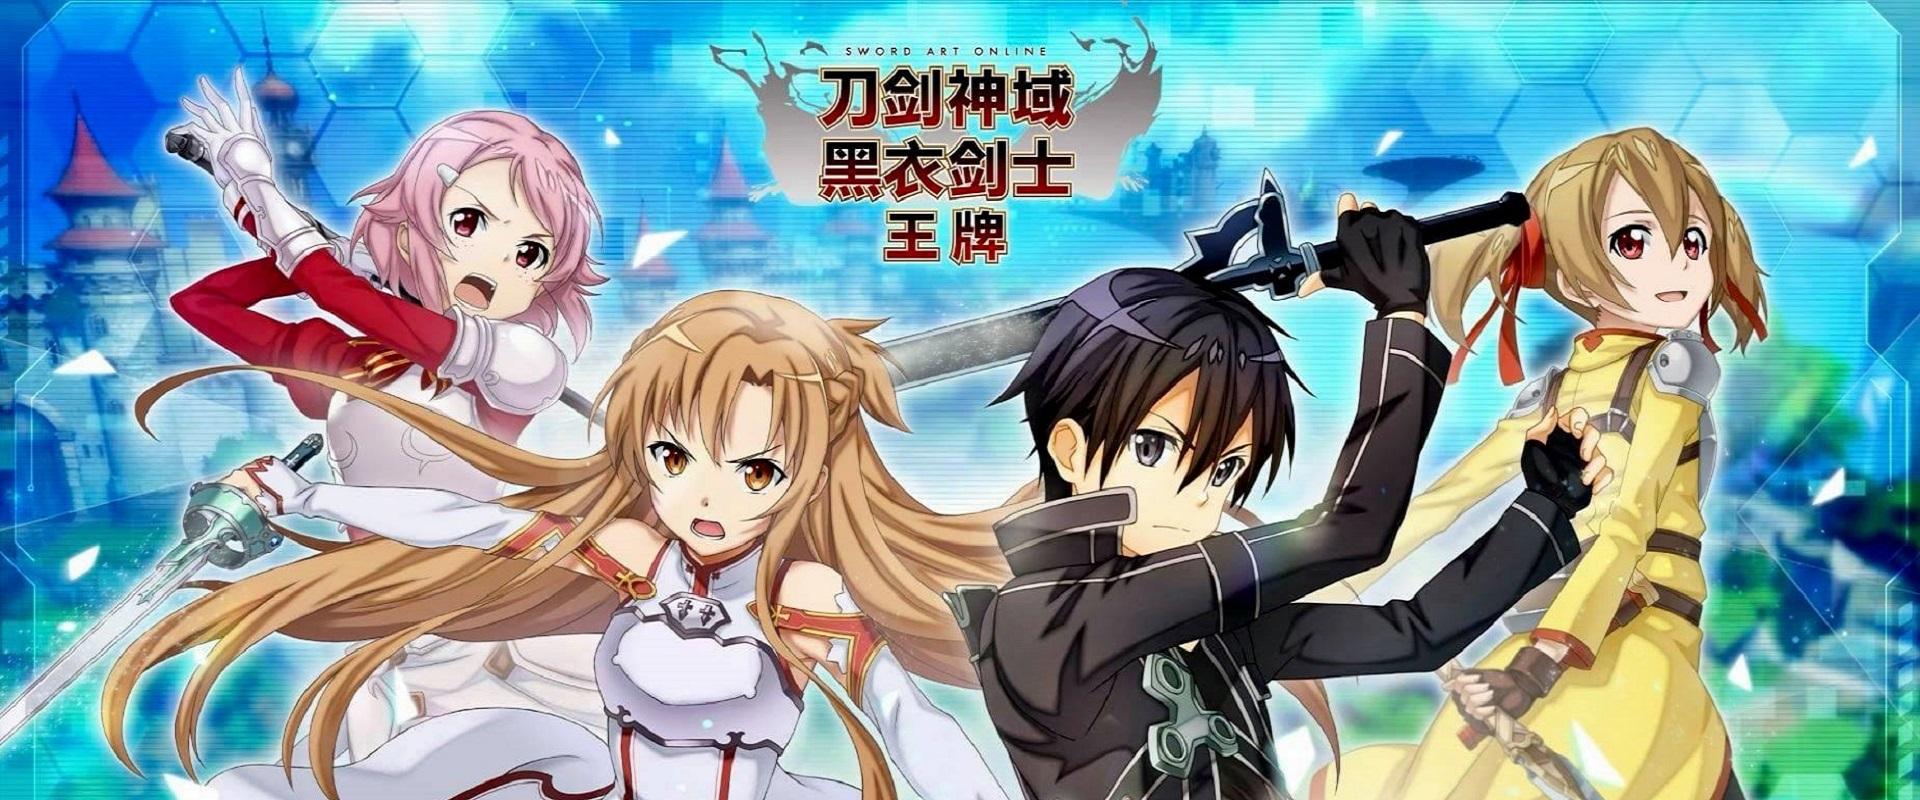 Sword Art Online Black Swordsman: Ace